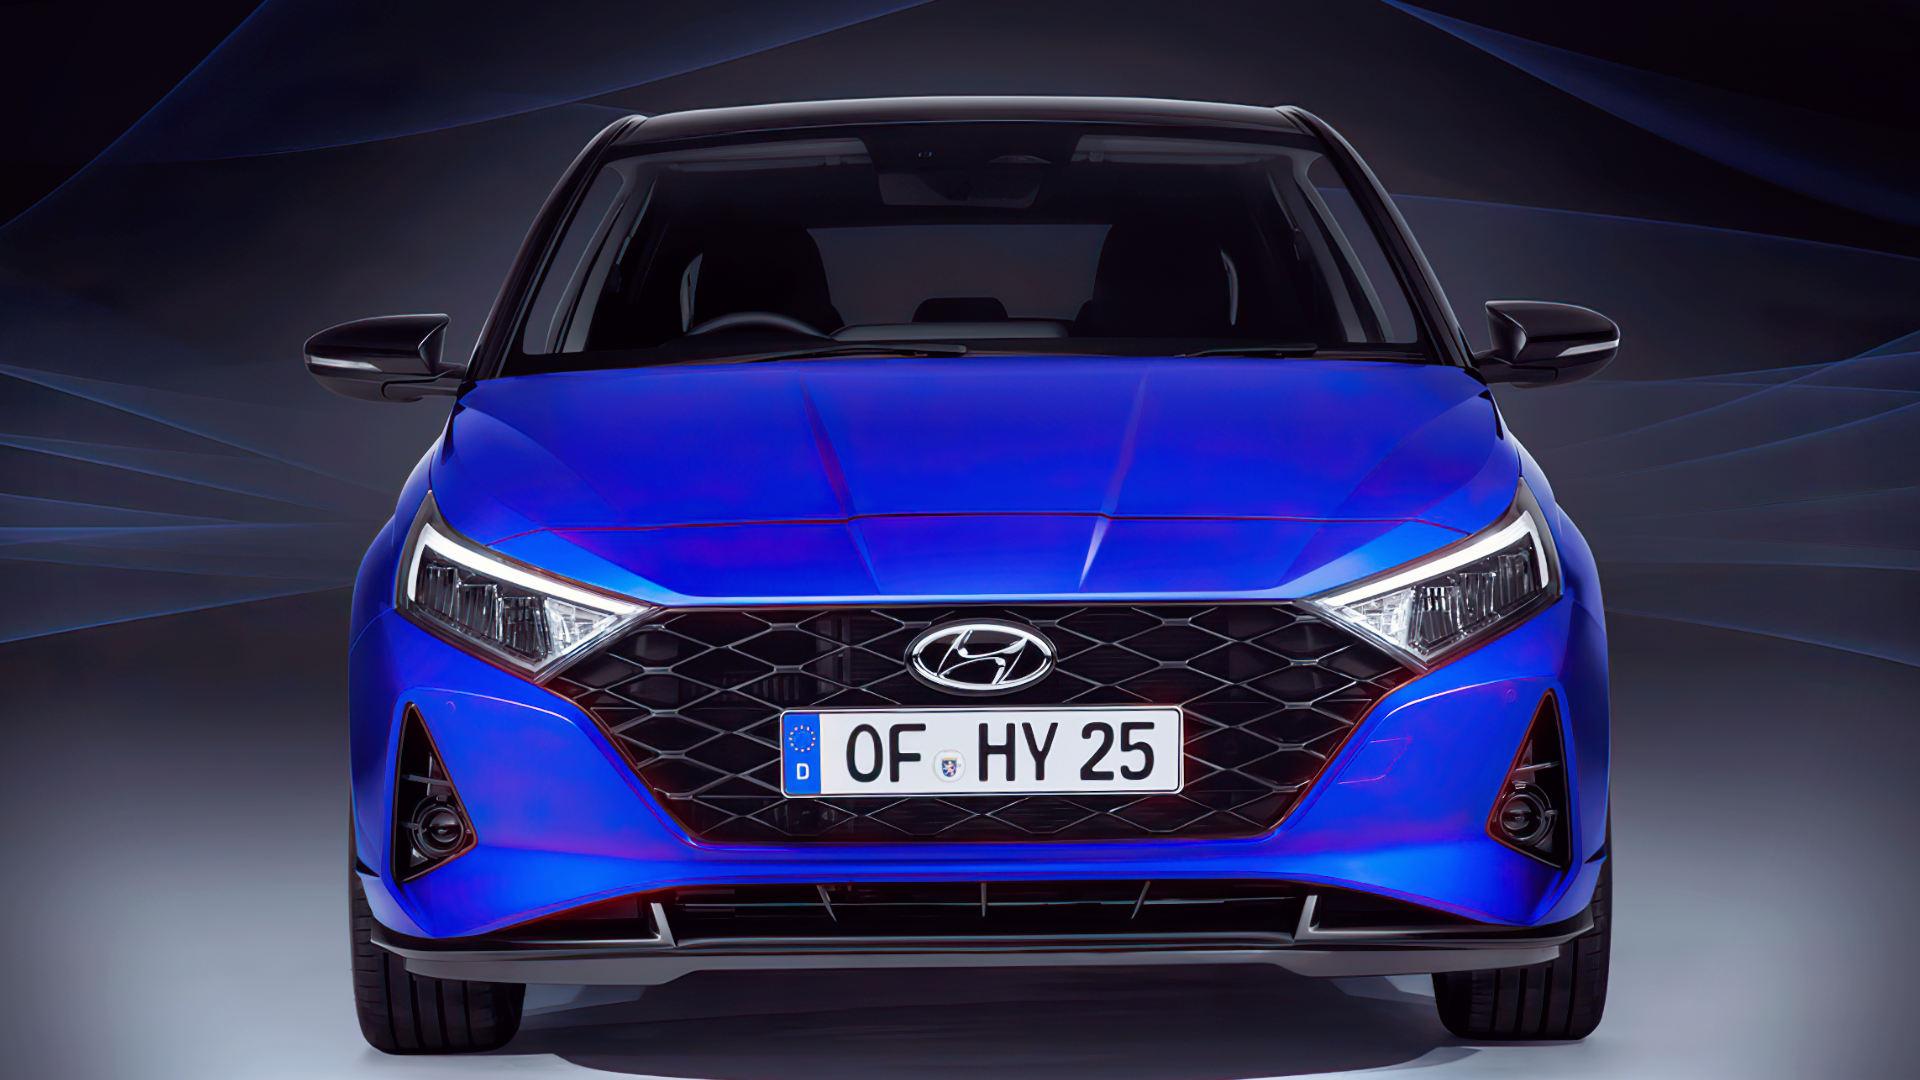 2021 Hyundai i20 Front Wallpaper